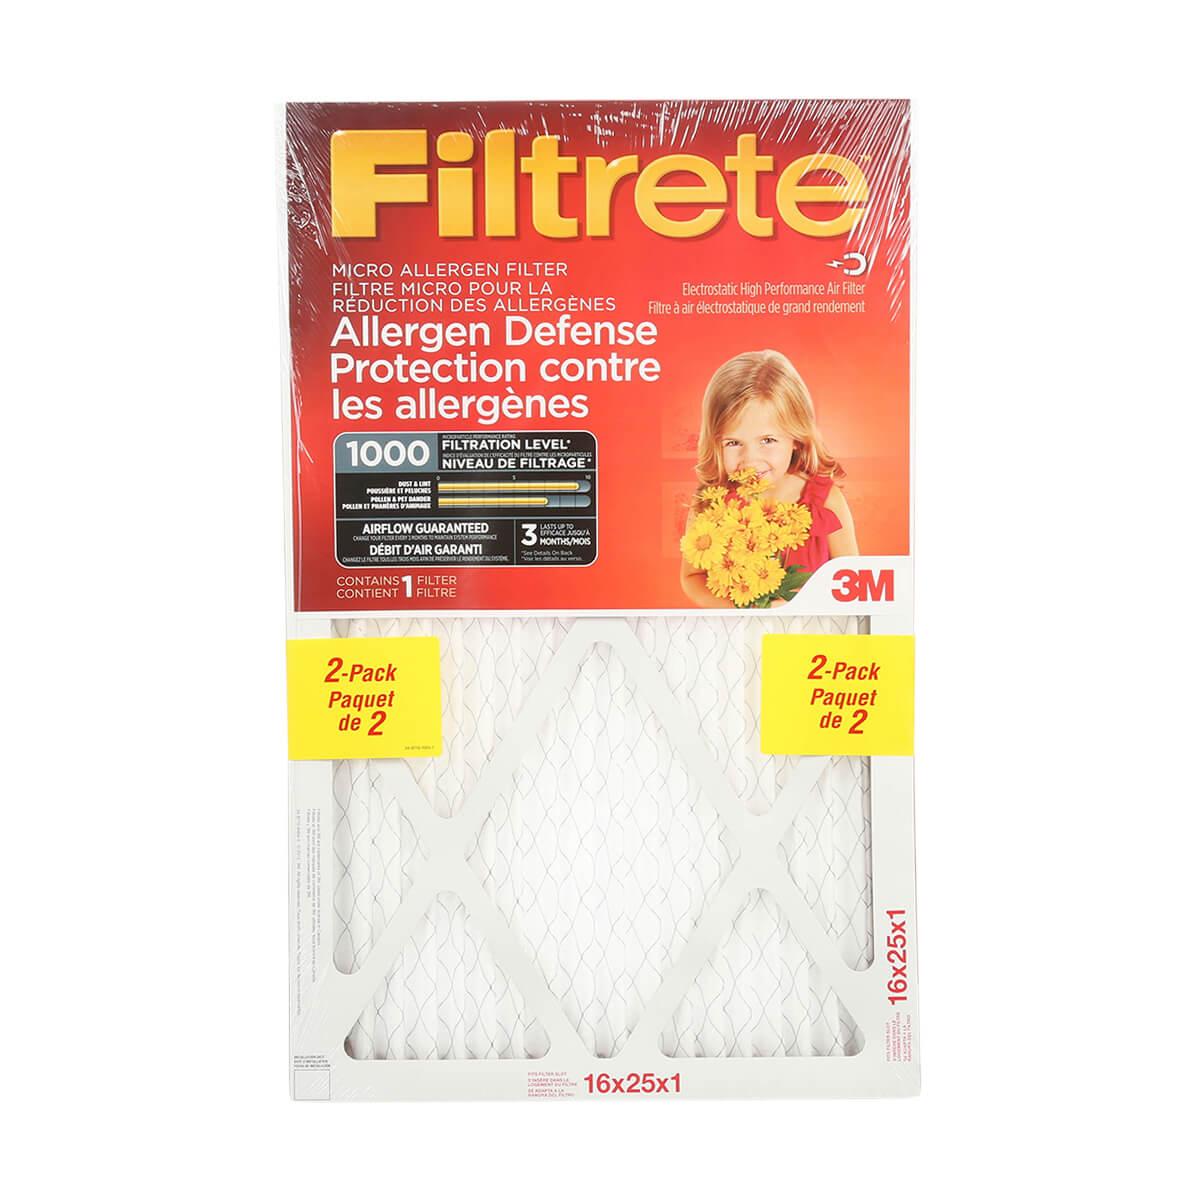 Filtrete Allergen Defense Micro Allergen Filter - MPR 1000 - 2 Pack - 16-in x 25-in x 1-in